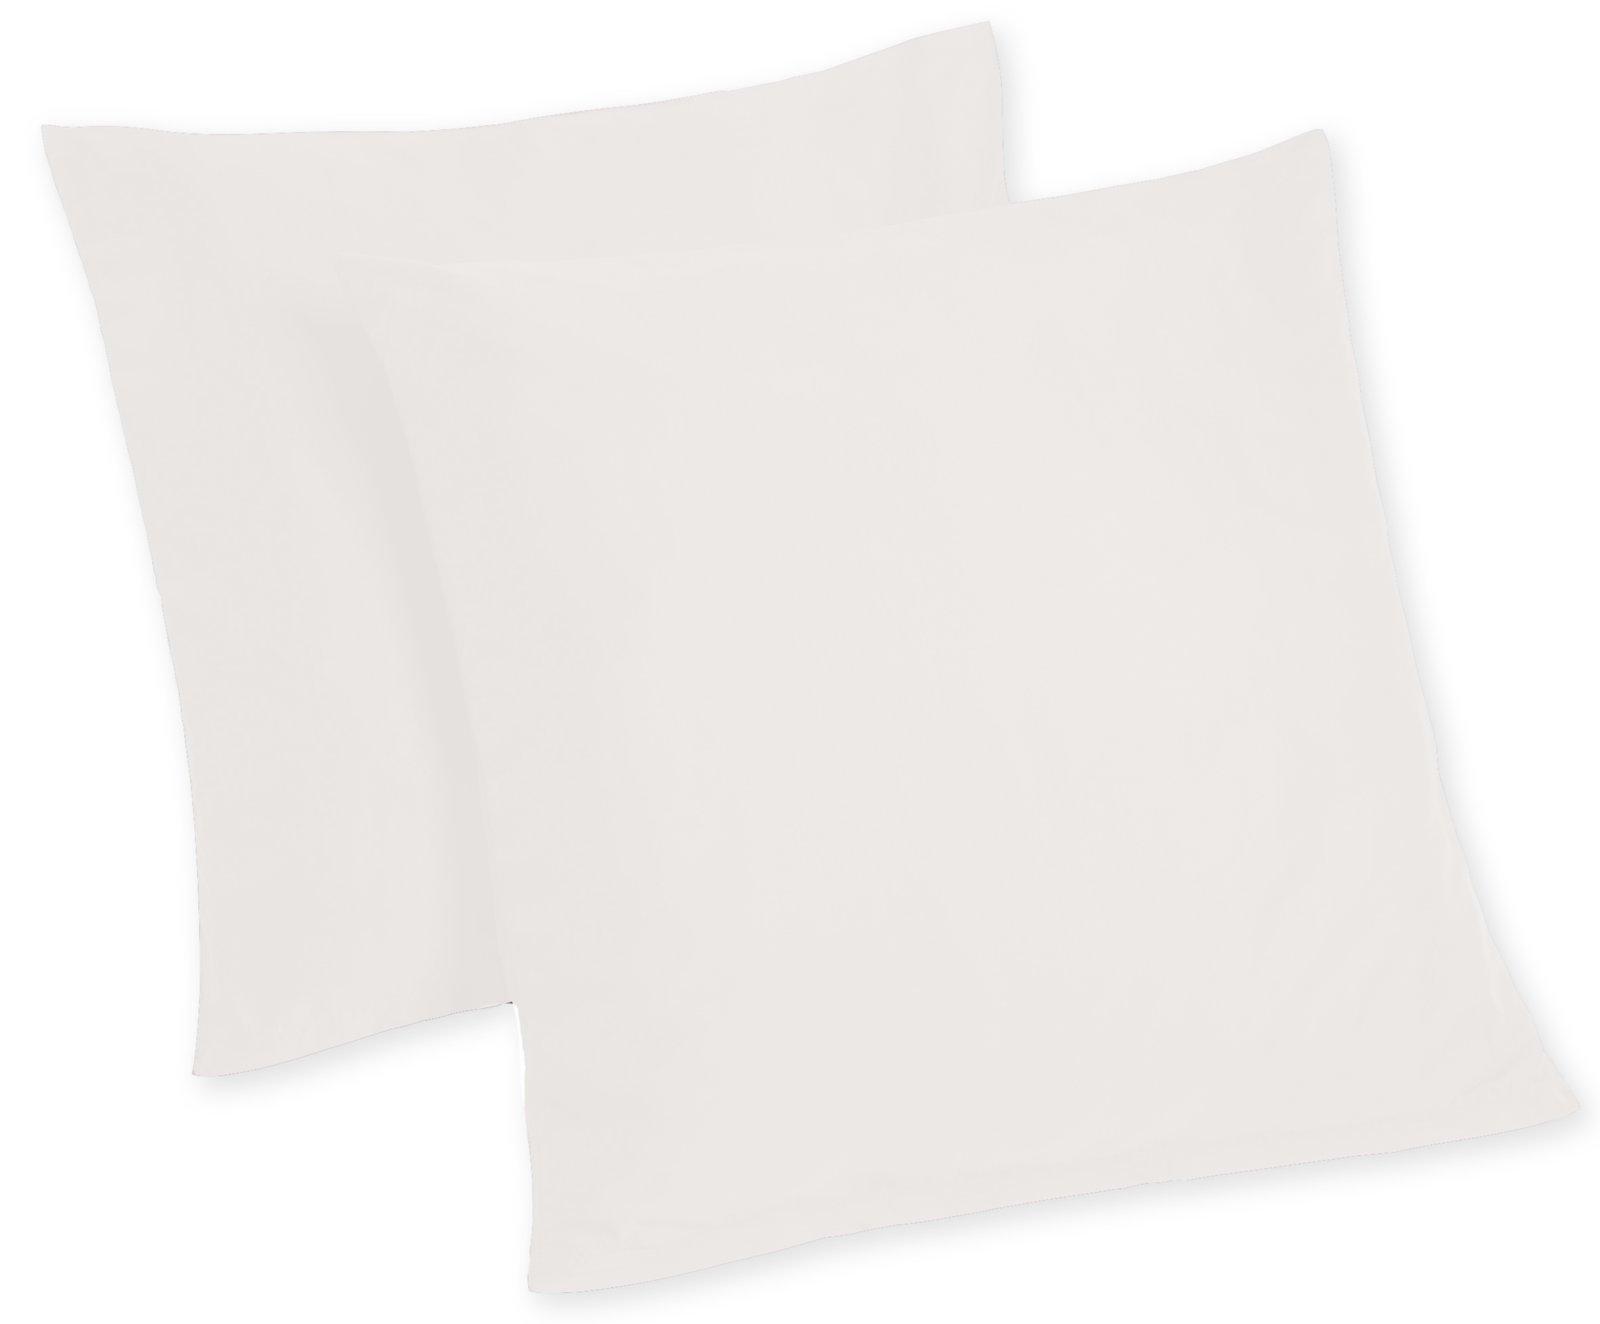 2er pack kissenbezug high class wei 80x80 cm bettw sche bettw sche bettlaken. Black Bedroom Furniture Sets. Home Design Ideas